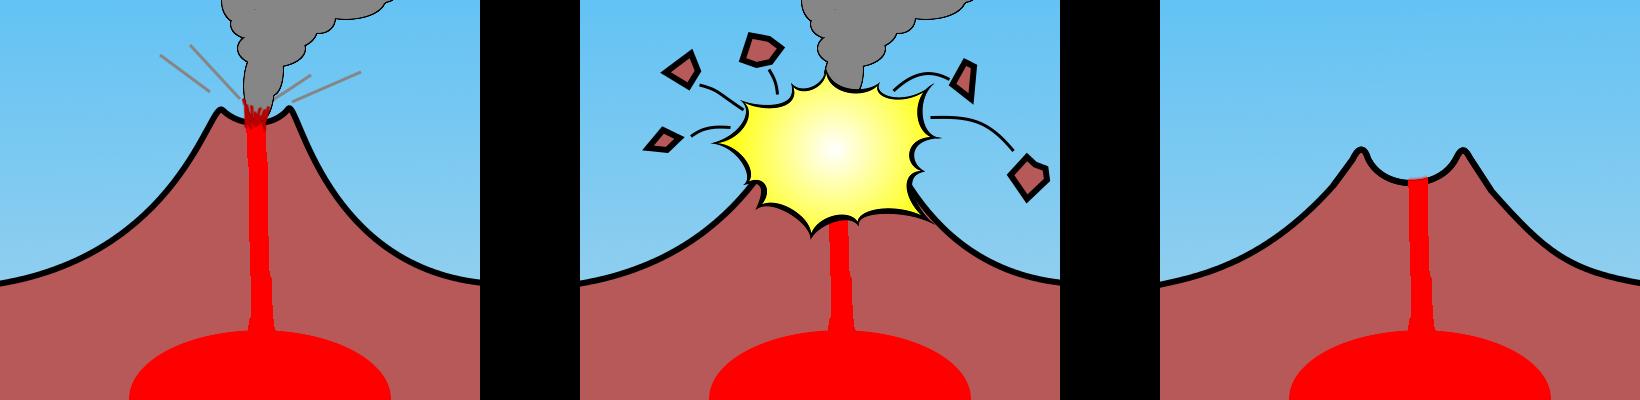 爆発カルデラ.png